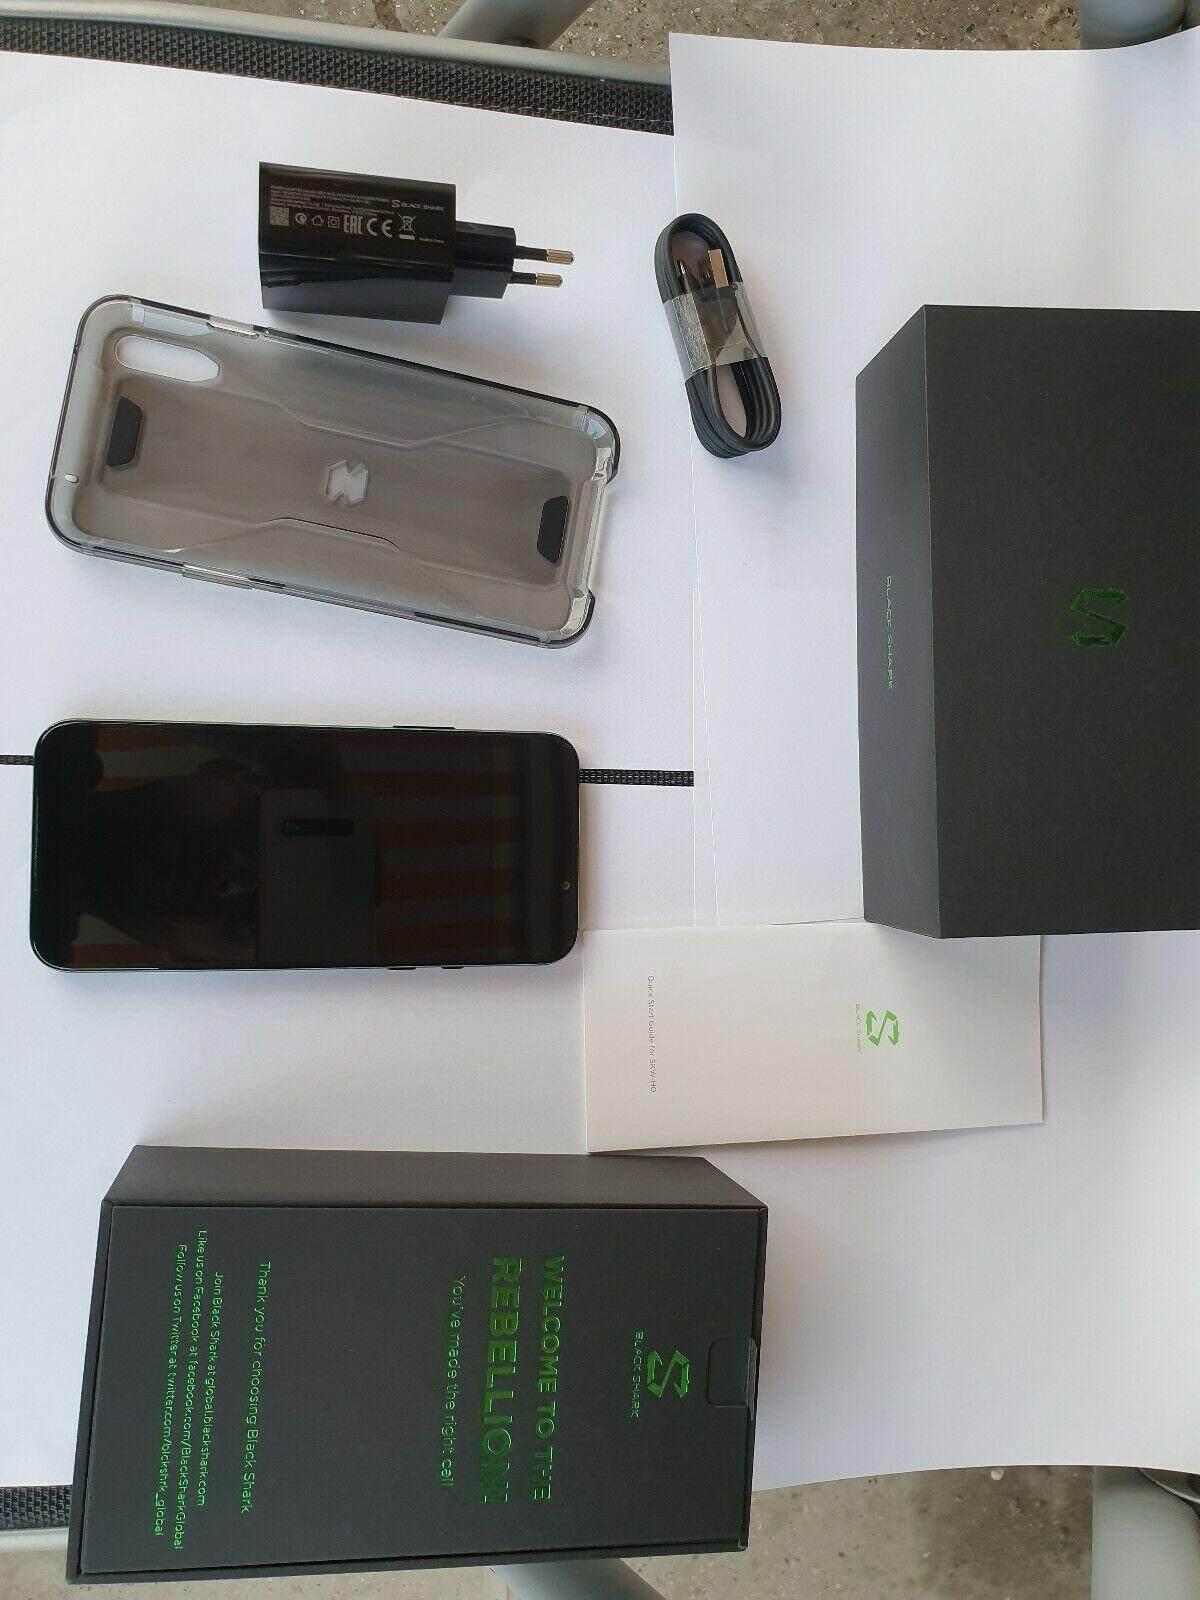 ยี่ห้อนี้ดีไหม  ตราด XIAOMI BLACKSHARK 2 GAMING 12GB/128GB ROM SMARTPHONE